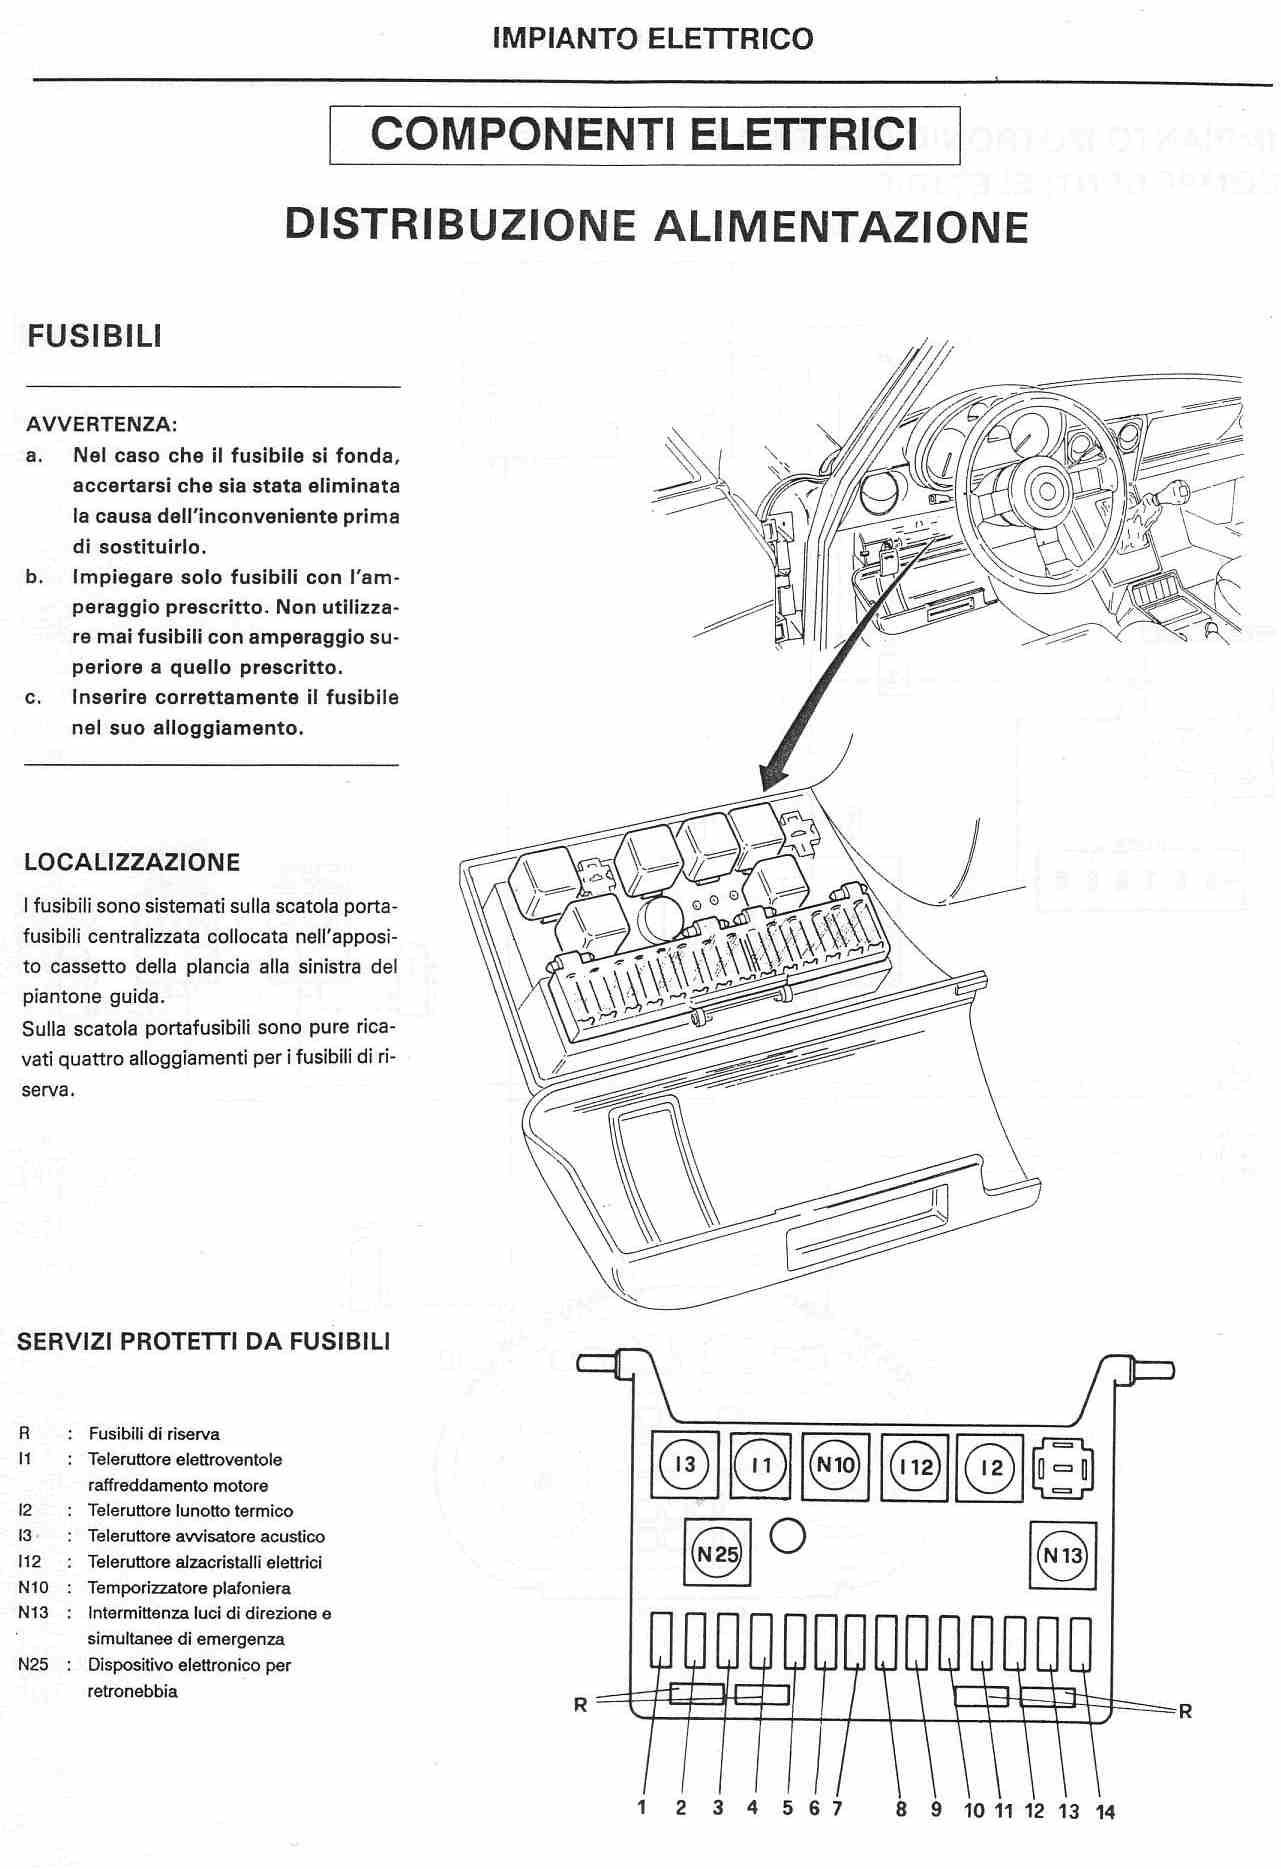 schema elettrico impianto elettrico nazionale romeo  club